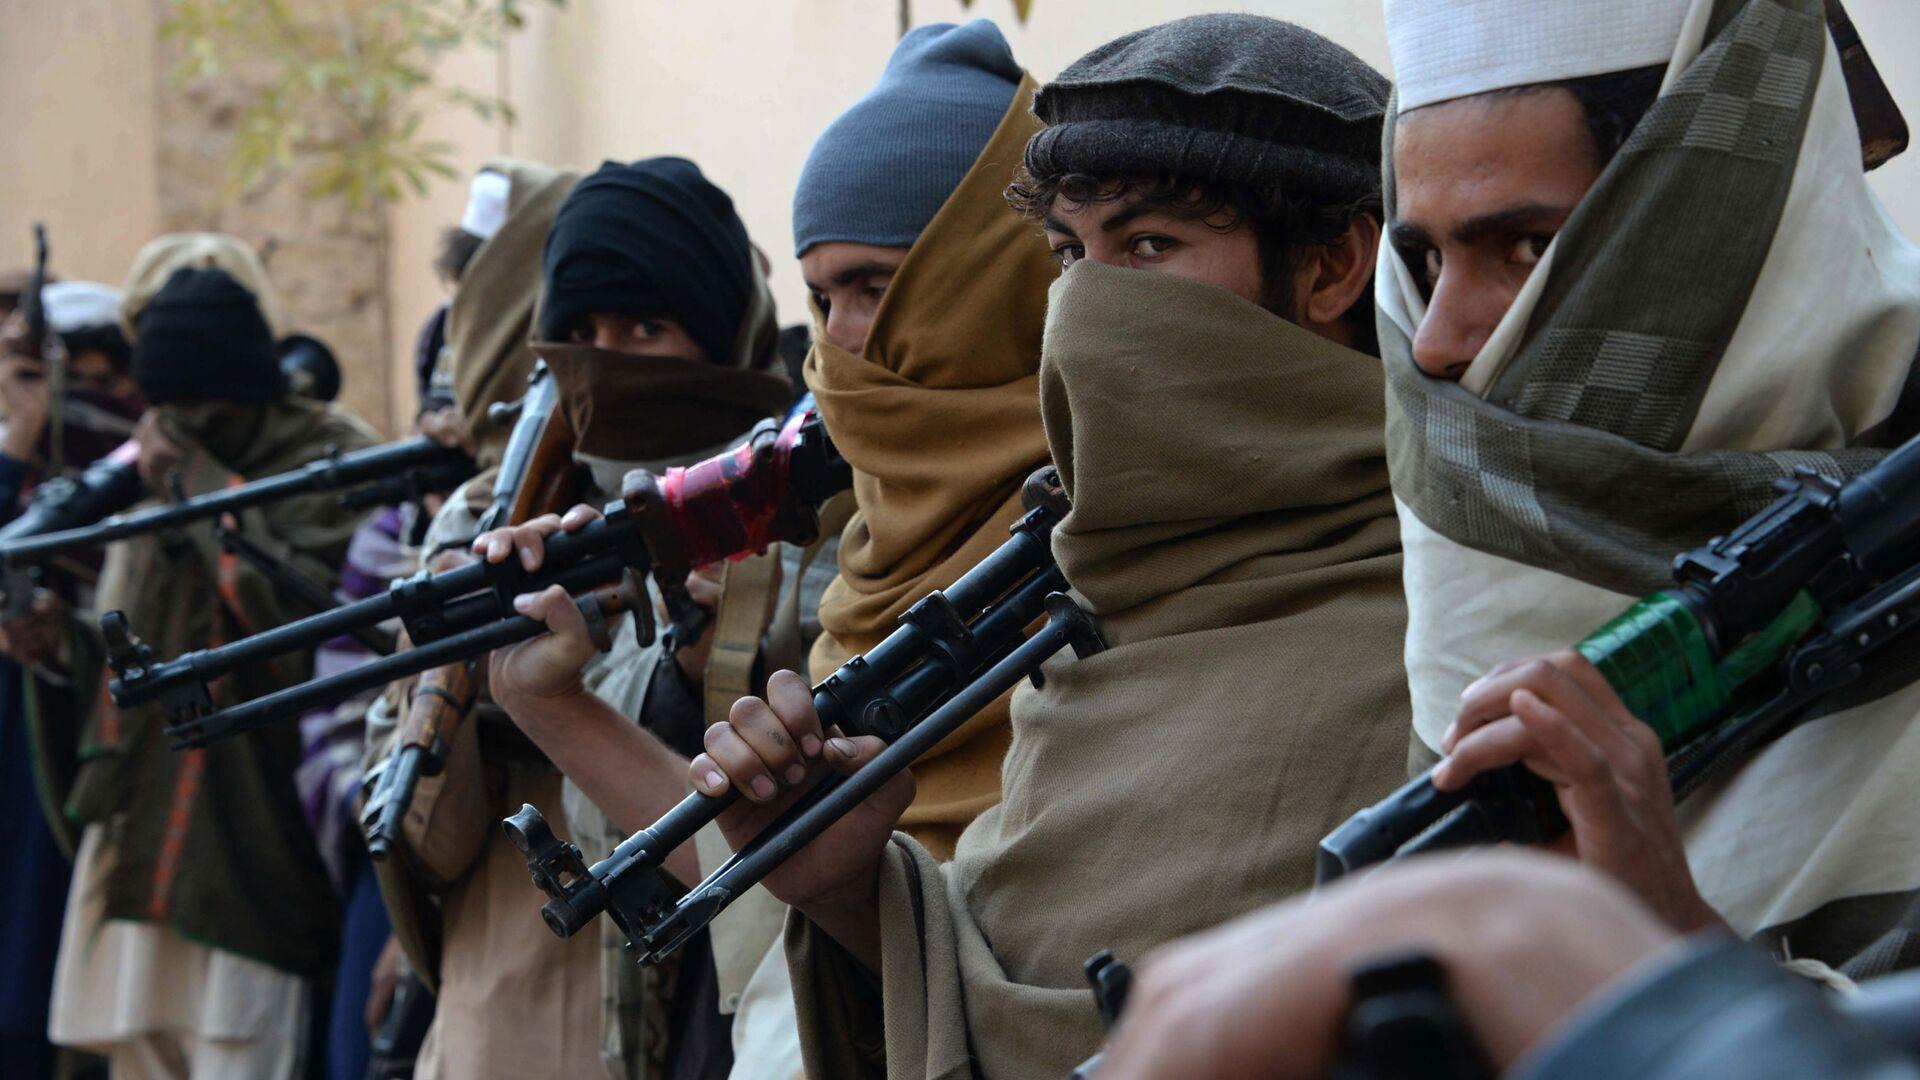 Bivši talibani sa oružjem pre njihovog predavanja u Džalalabadu, 2015. - Sputnik Srbija, 1920, 02.09.2021